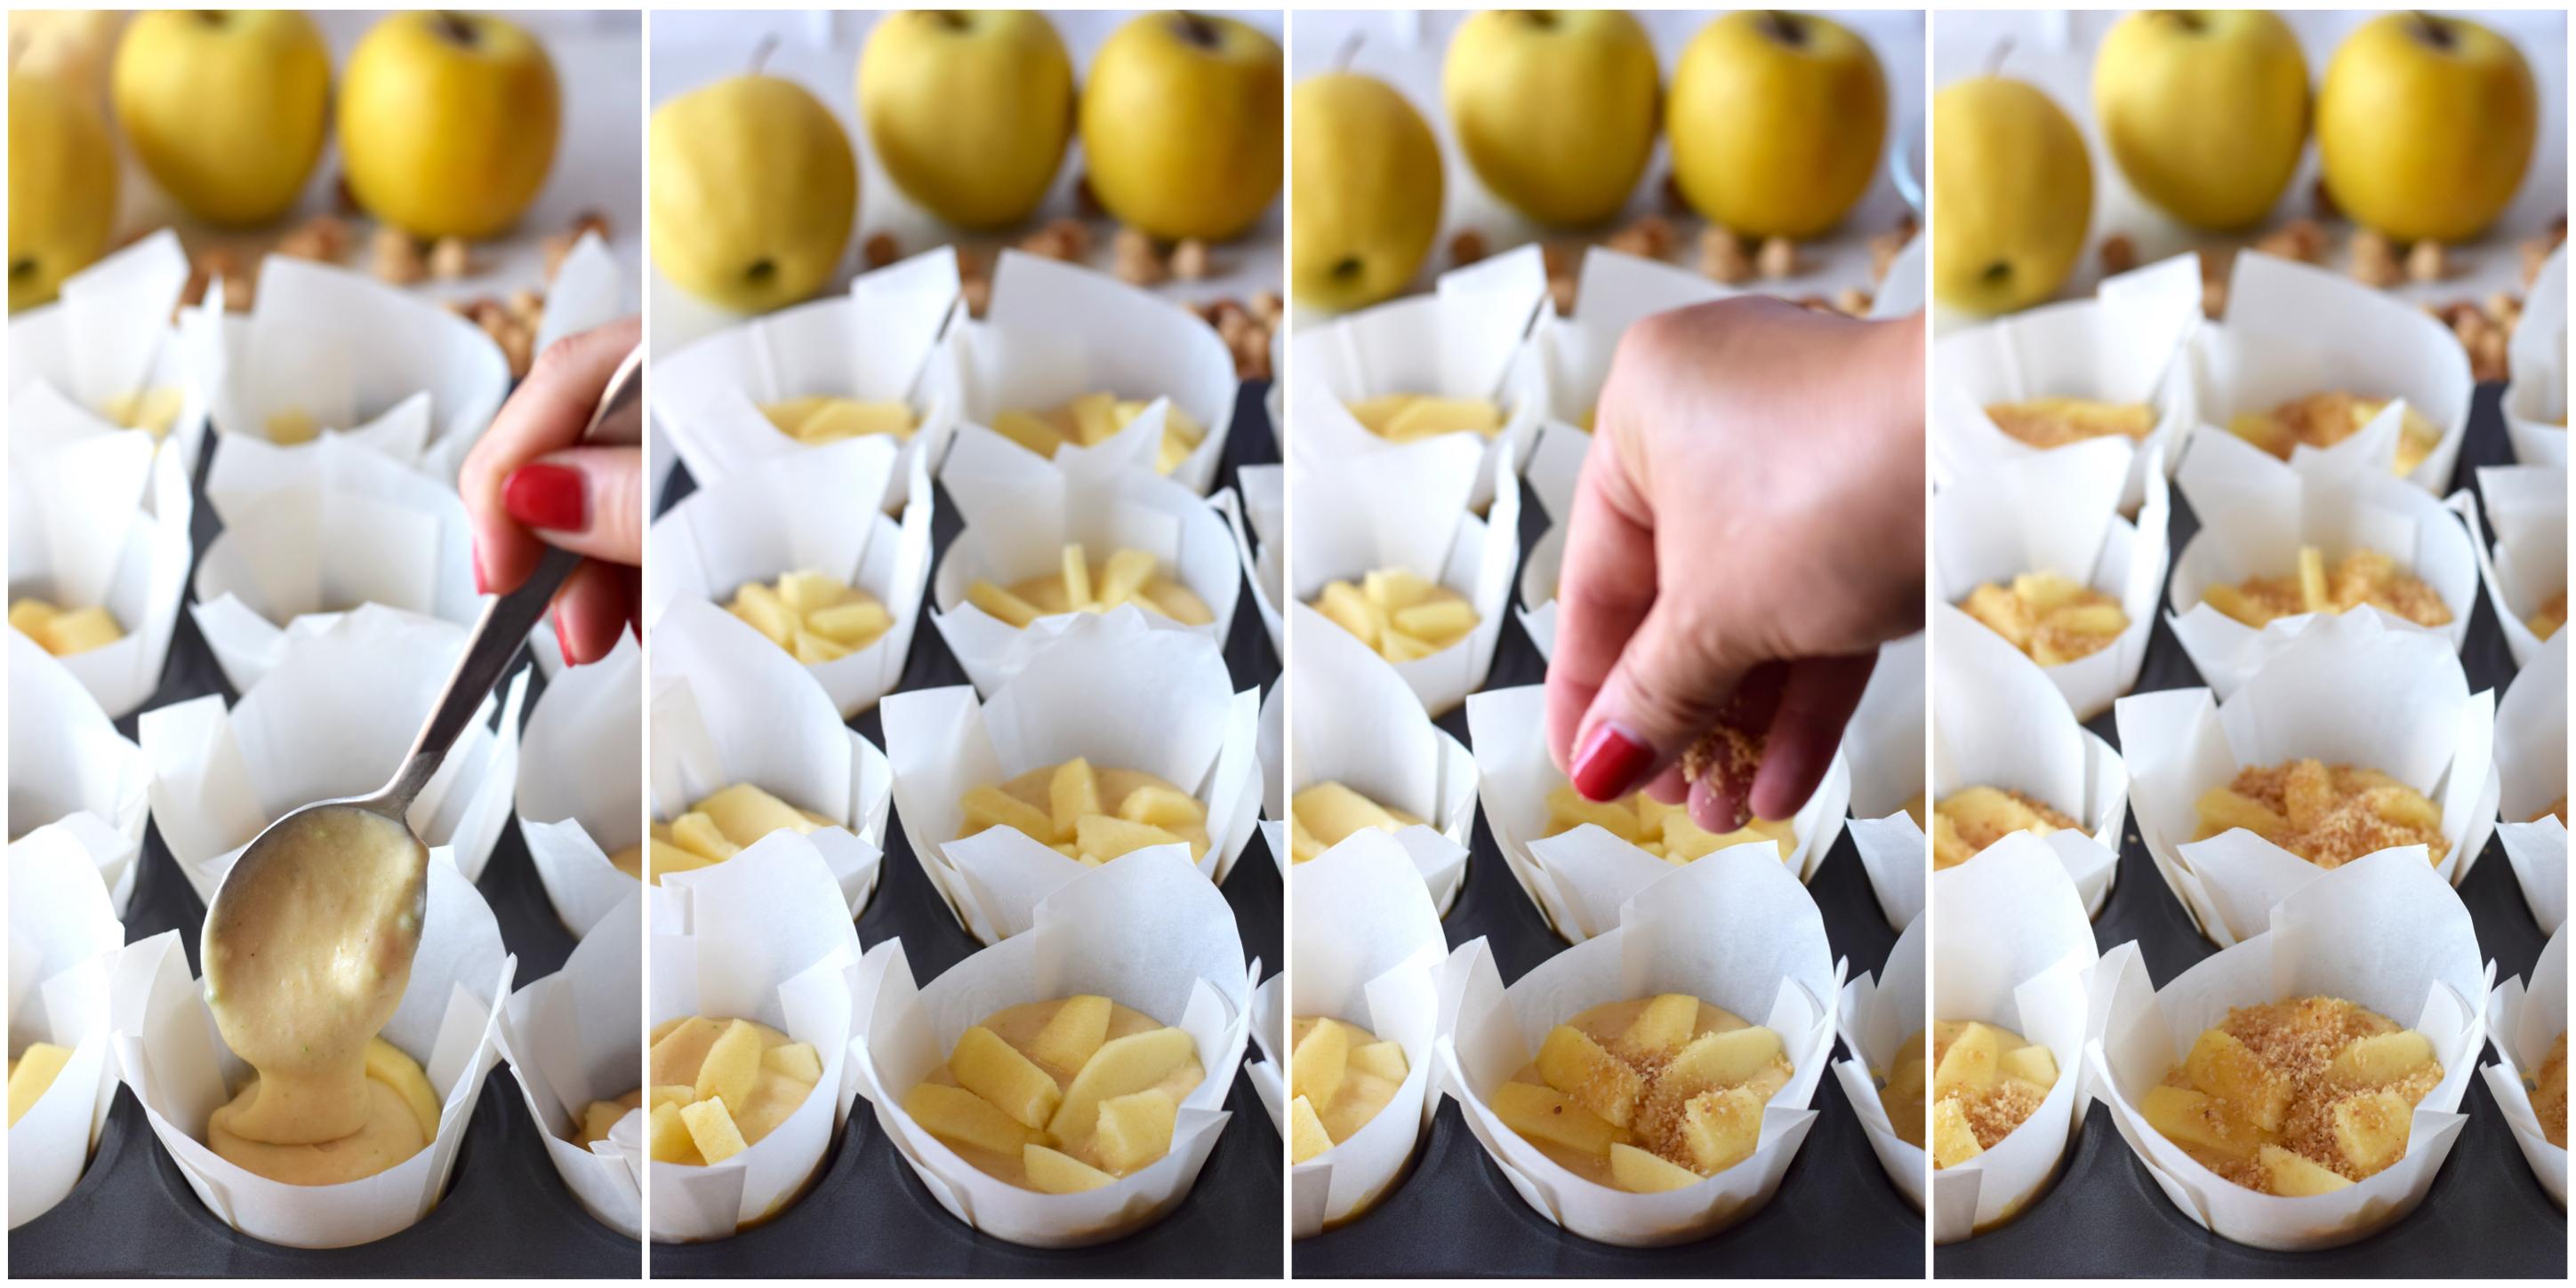 Ricetta completa con passo passo delle tortine alle mele e nocciole